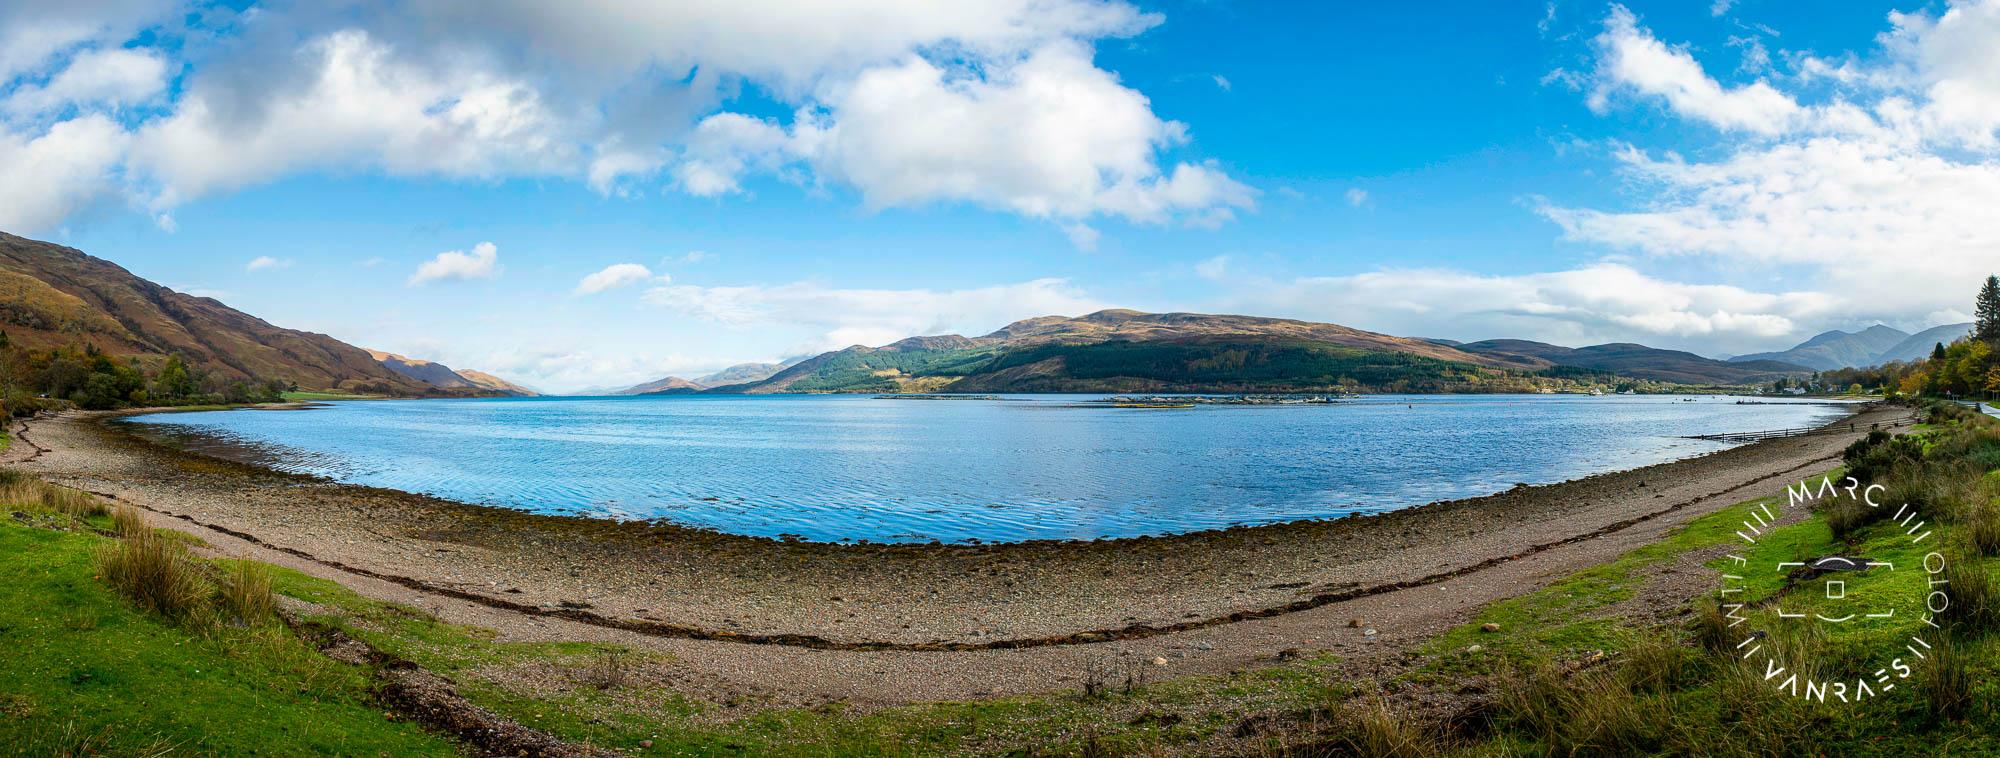 © Deze foto's van Fort William Ardgour 4 - www.marcvanraes.be - 4_